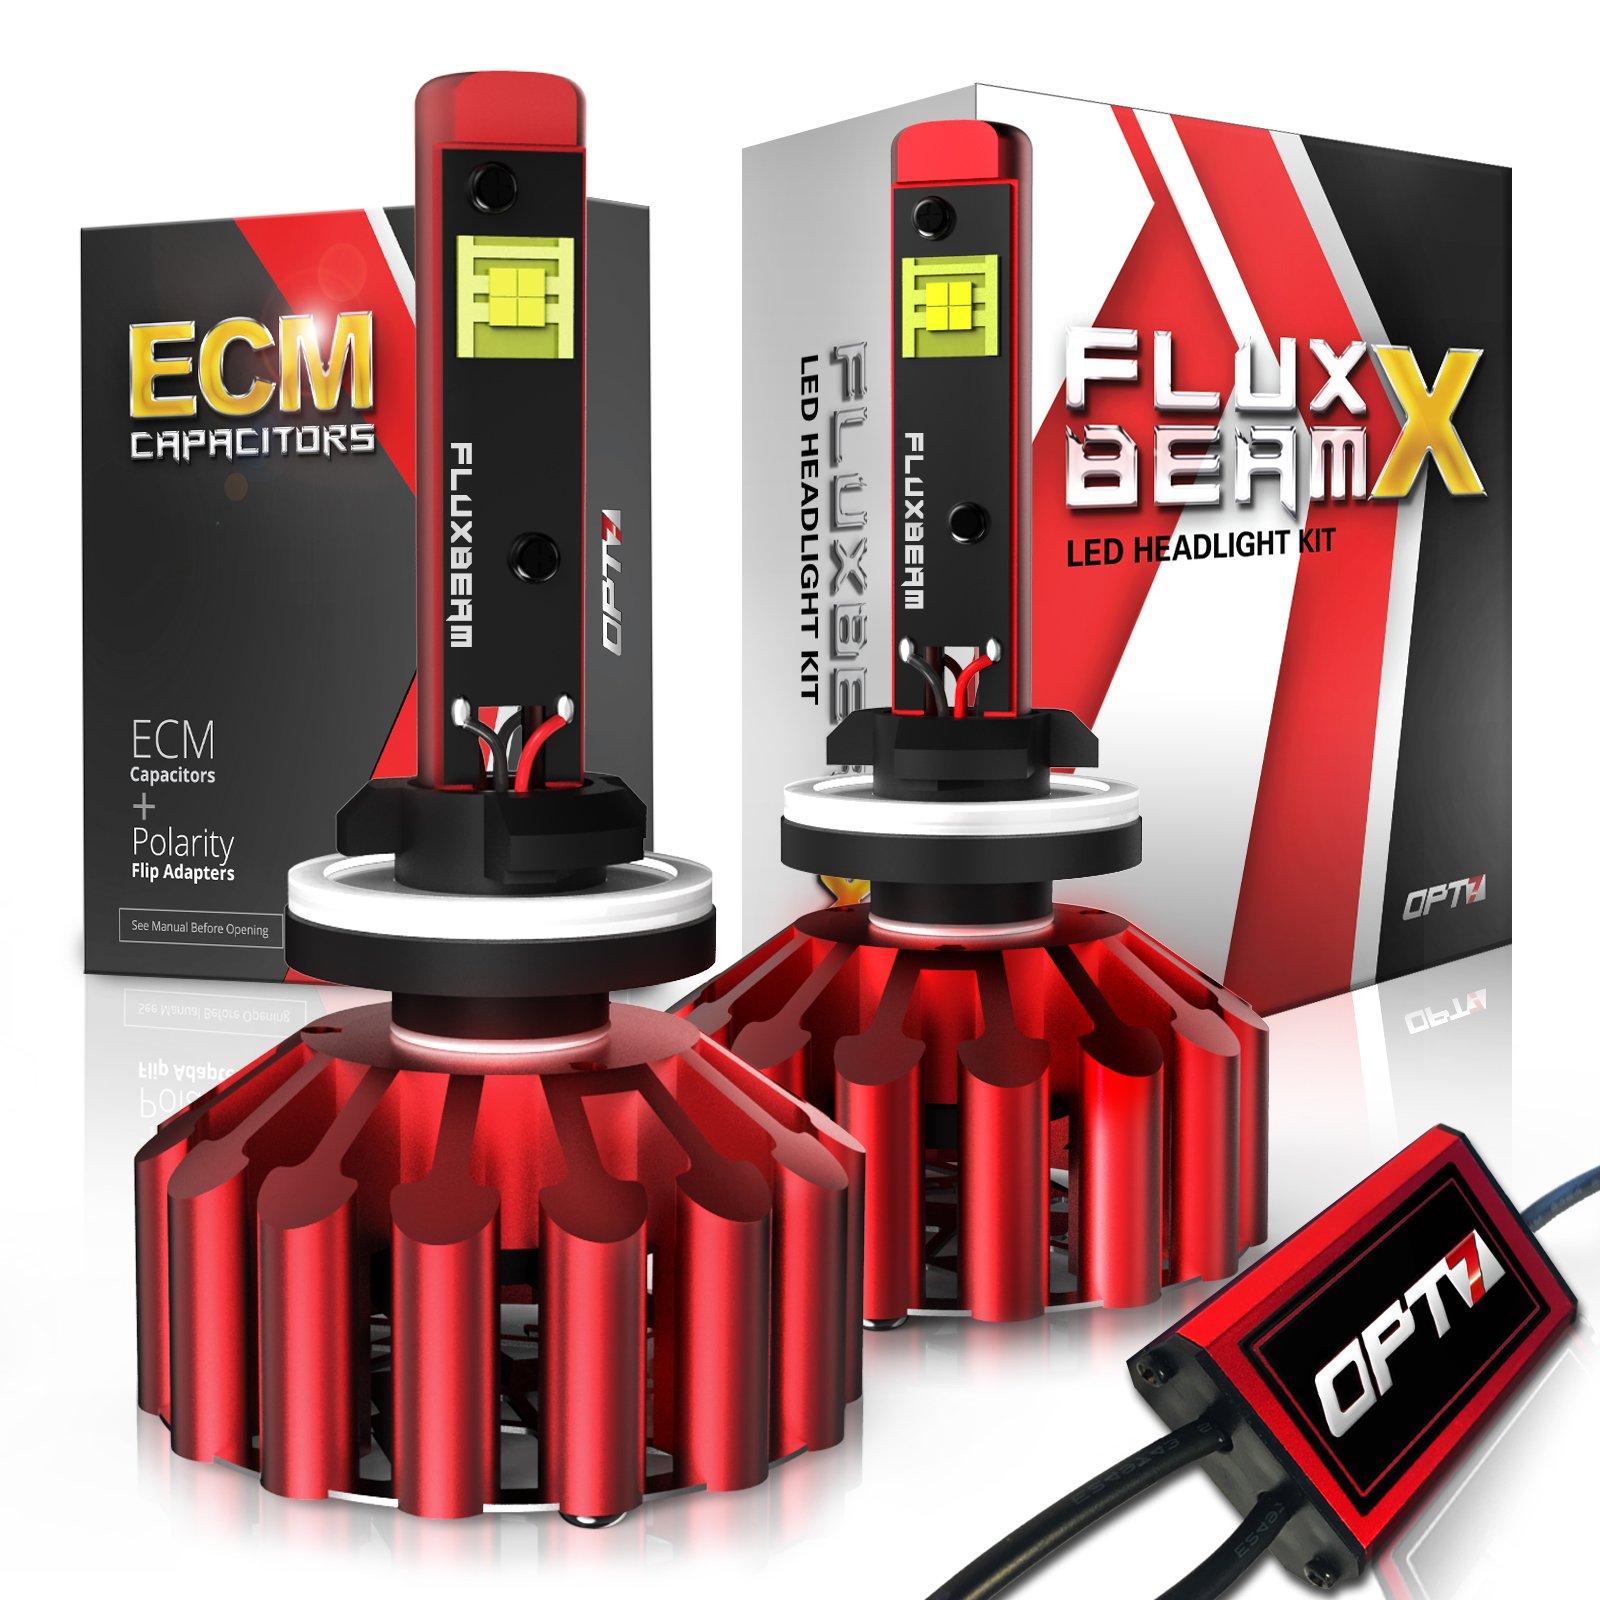 OPT7 Fluxbeam X 881 886 894 LED Fog Light Bulbs - 8,400Lm 6000K Daytime White - All Bulb Sizes - 2 Year Warranty